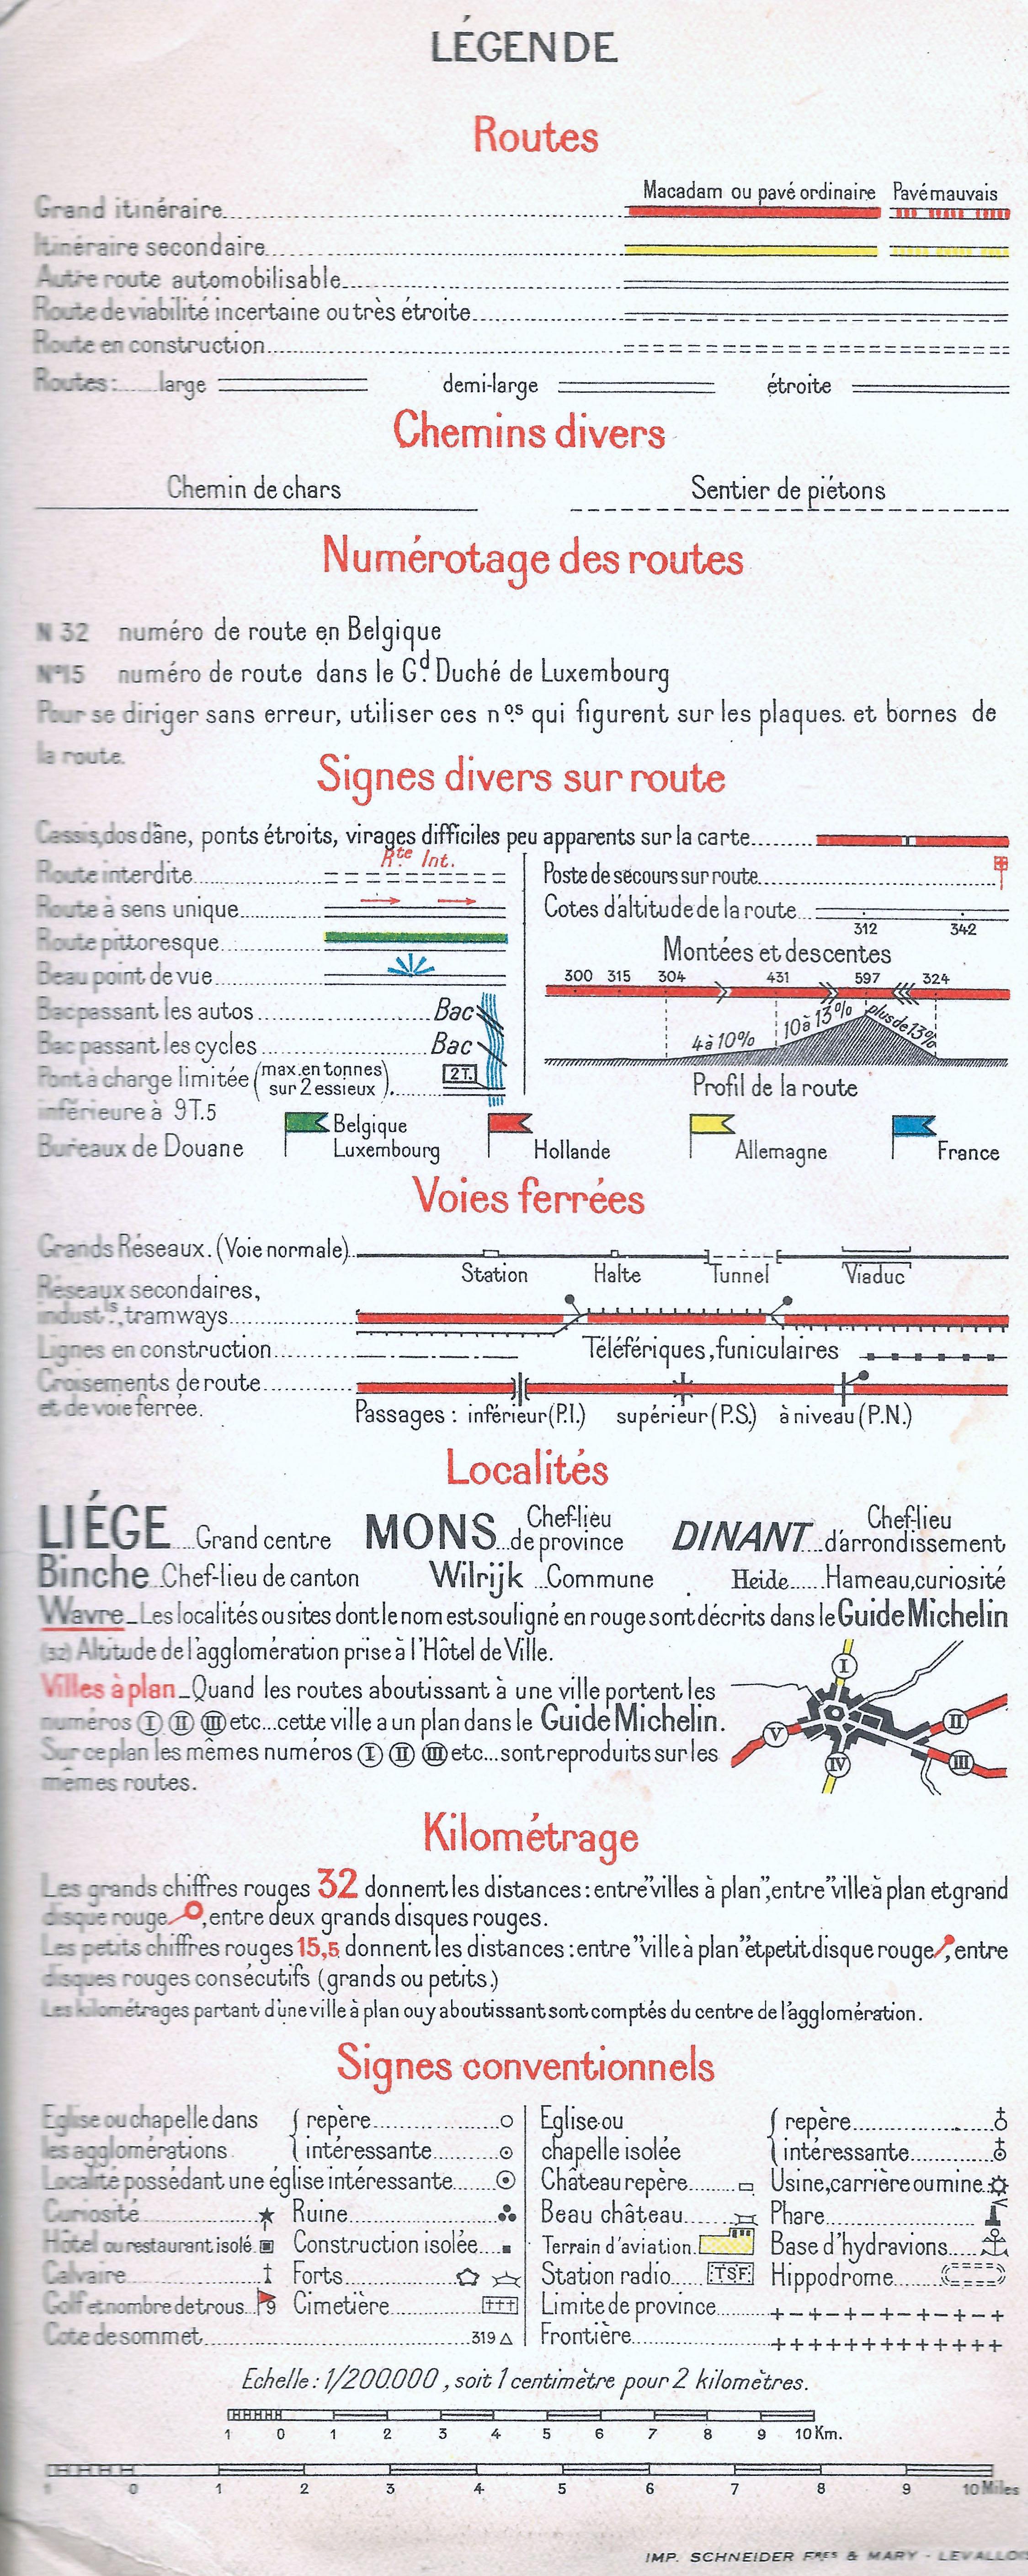 egendorkeyofaelgianroadmapichelin1940